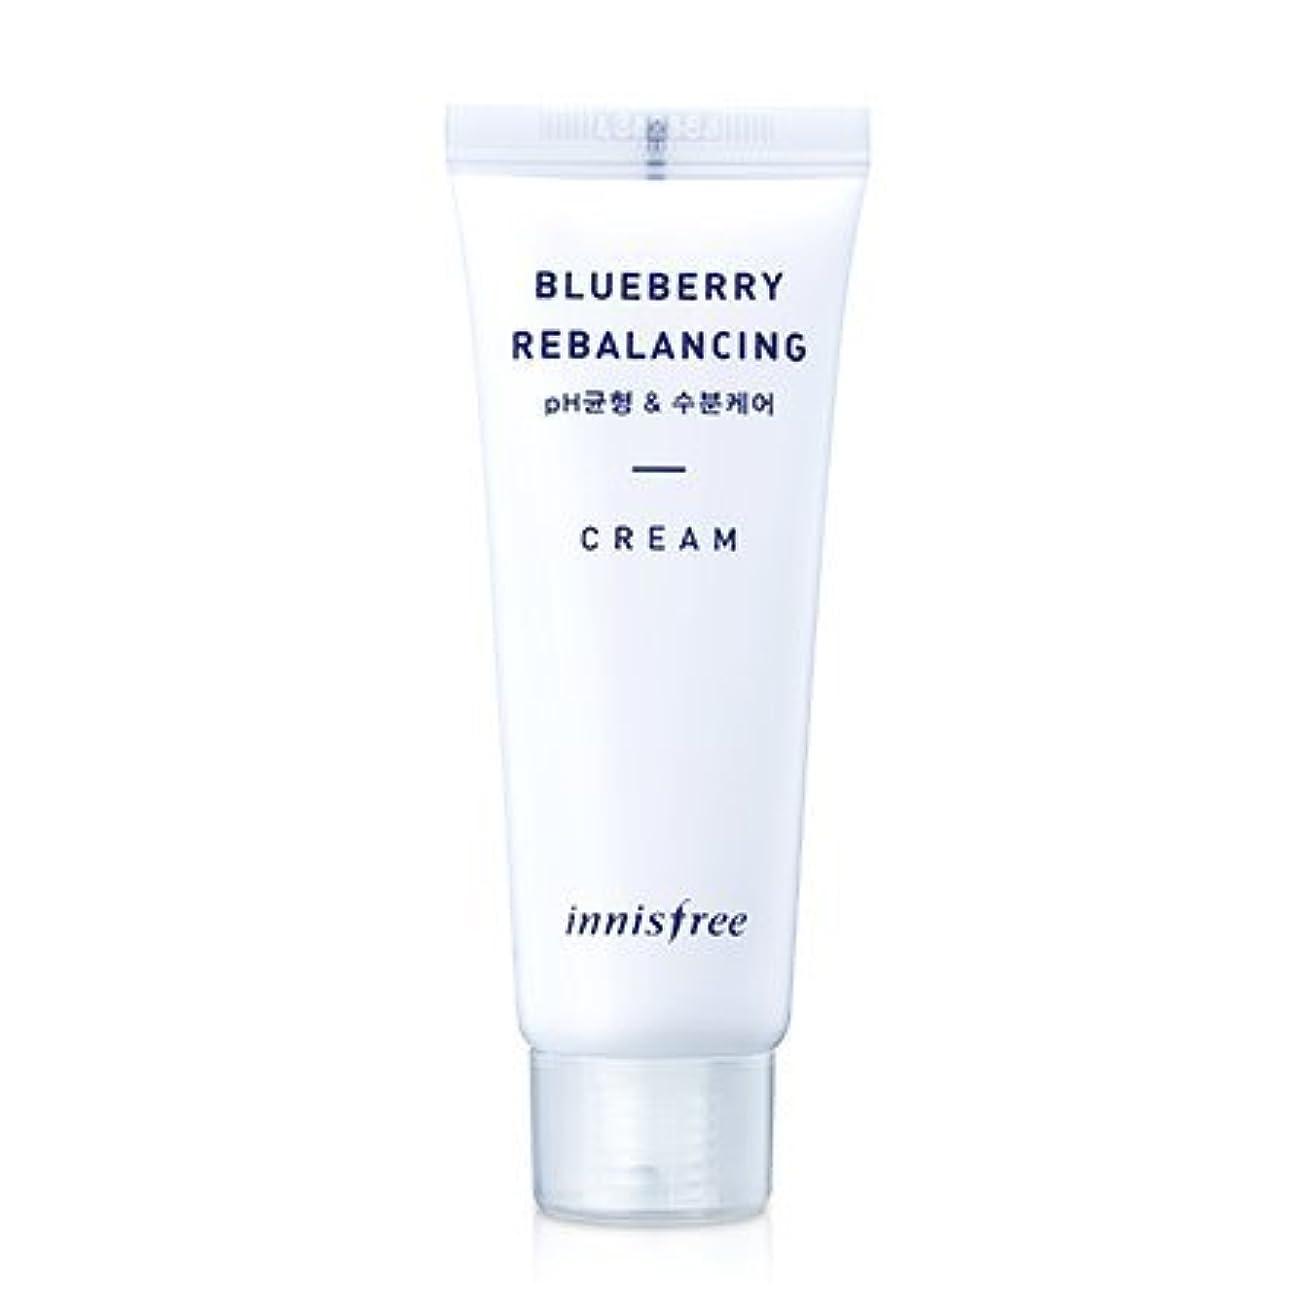 アラブサラボ半球音声学[innisfree(イニスフリー)] Super food_ Blueberry rebalancing cream (50ml) スーパーフード_ブルーベリーリベルロンシンクリーム[並行輸入品][海外直送品]